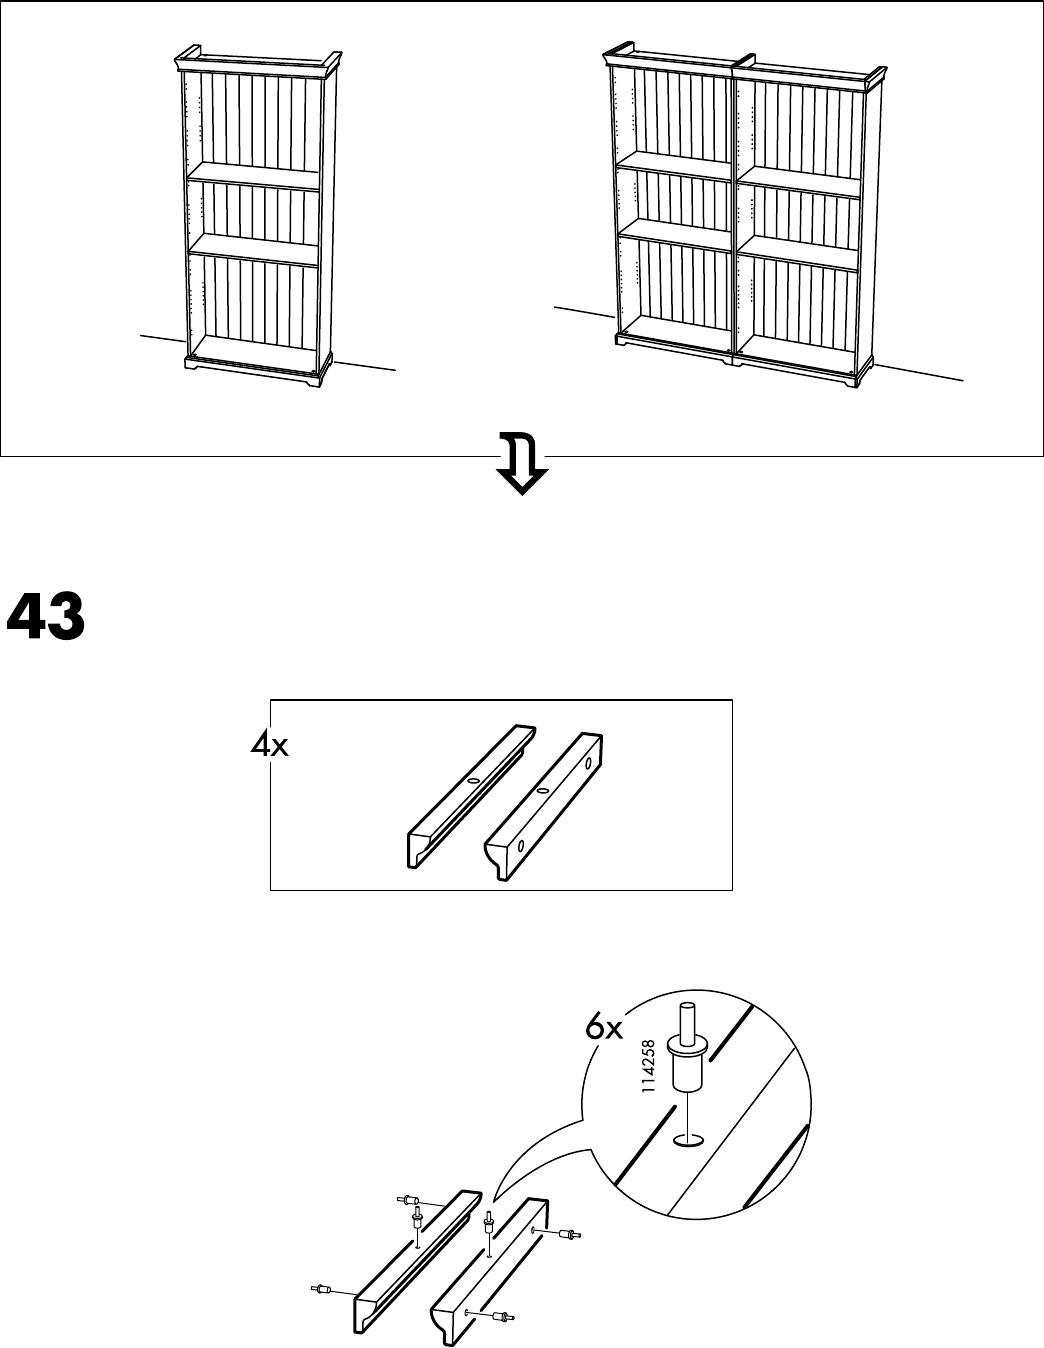 Handleiding Ikea LIATORP boekenkast (pagina 30 van 32) (Alle talen)